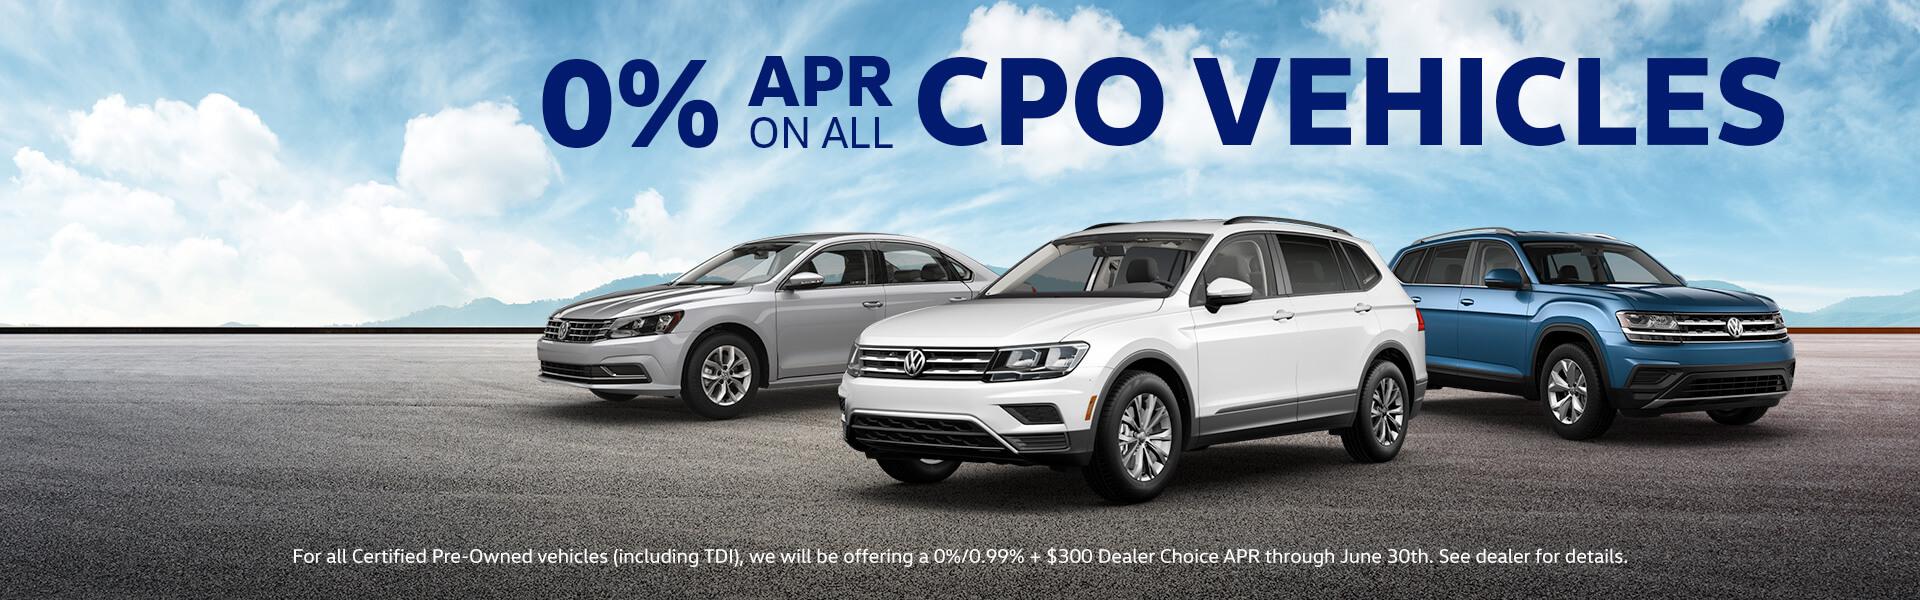 0% APR on CPO